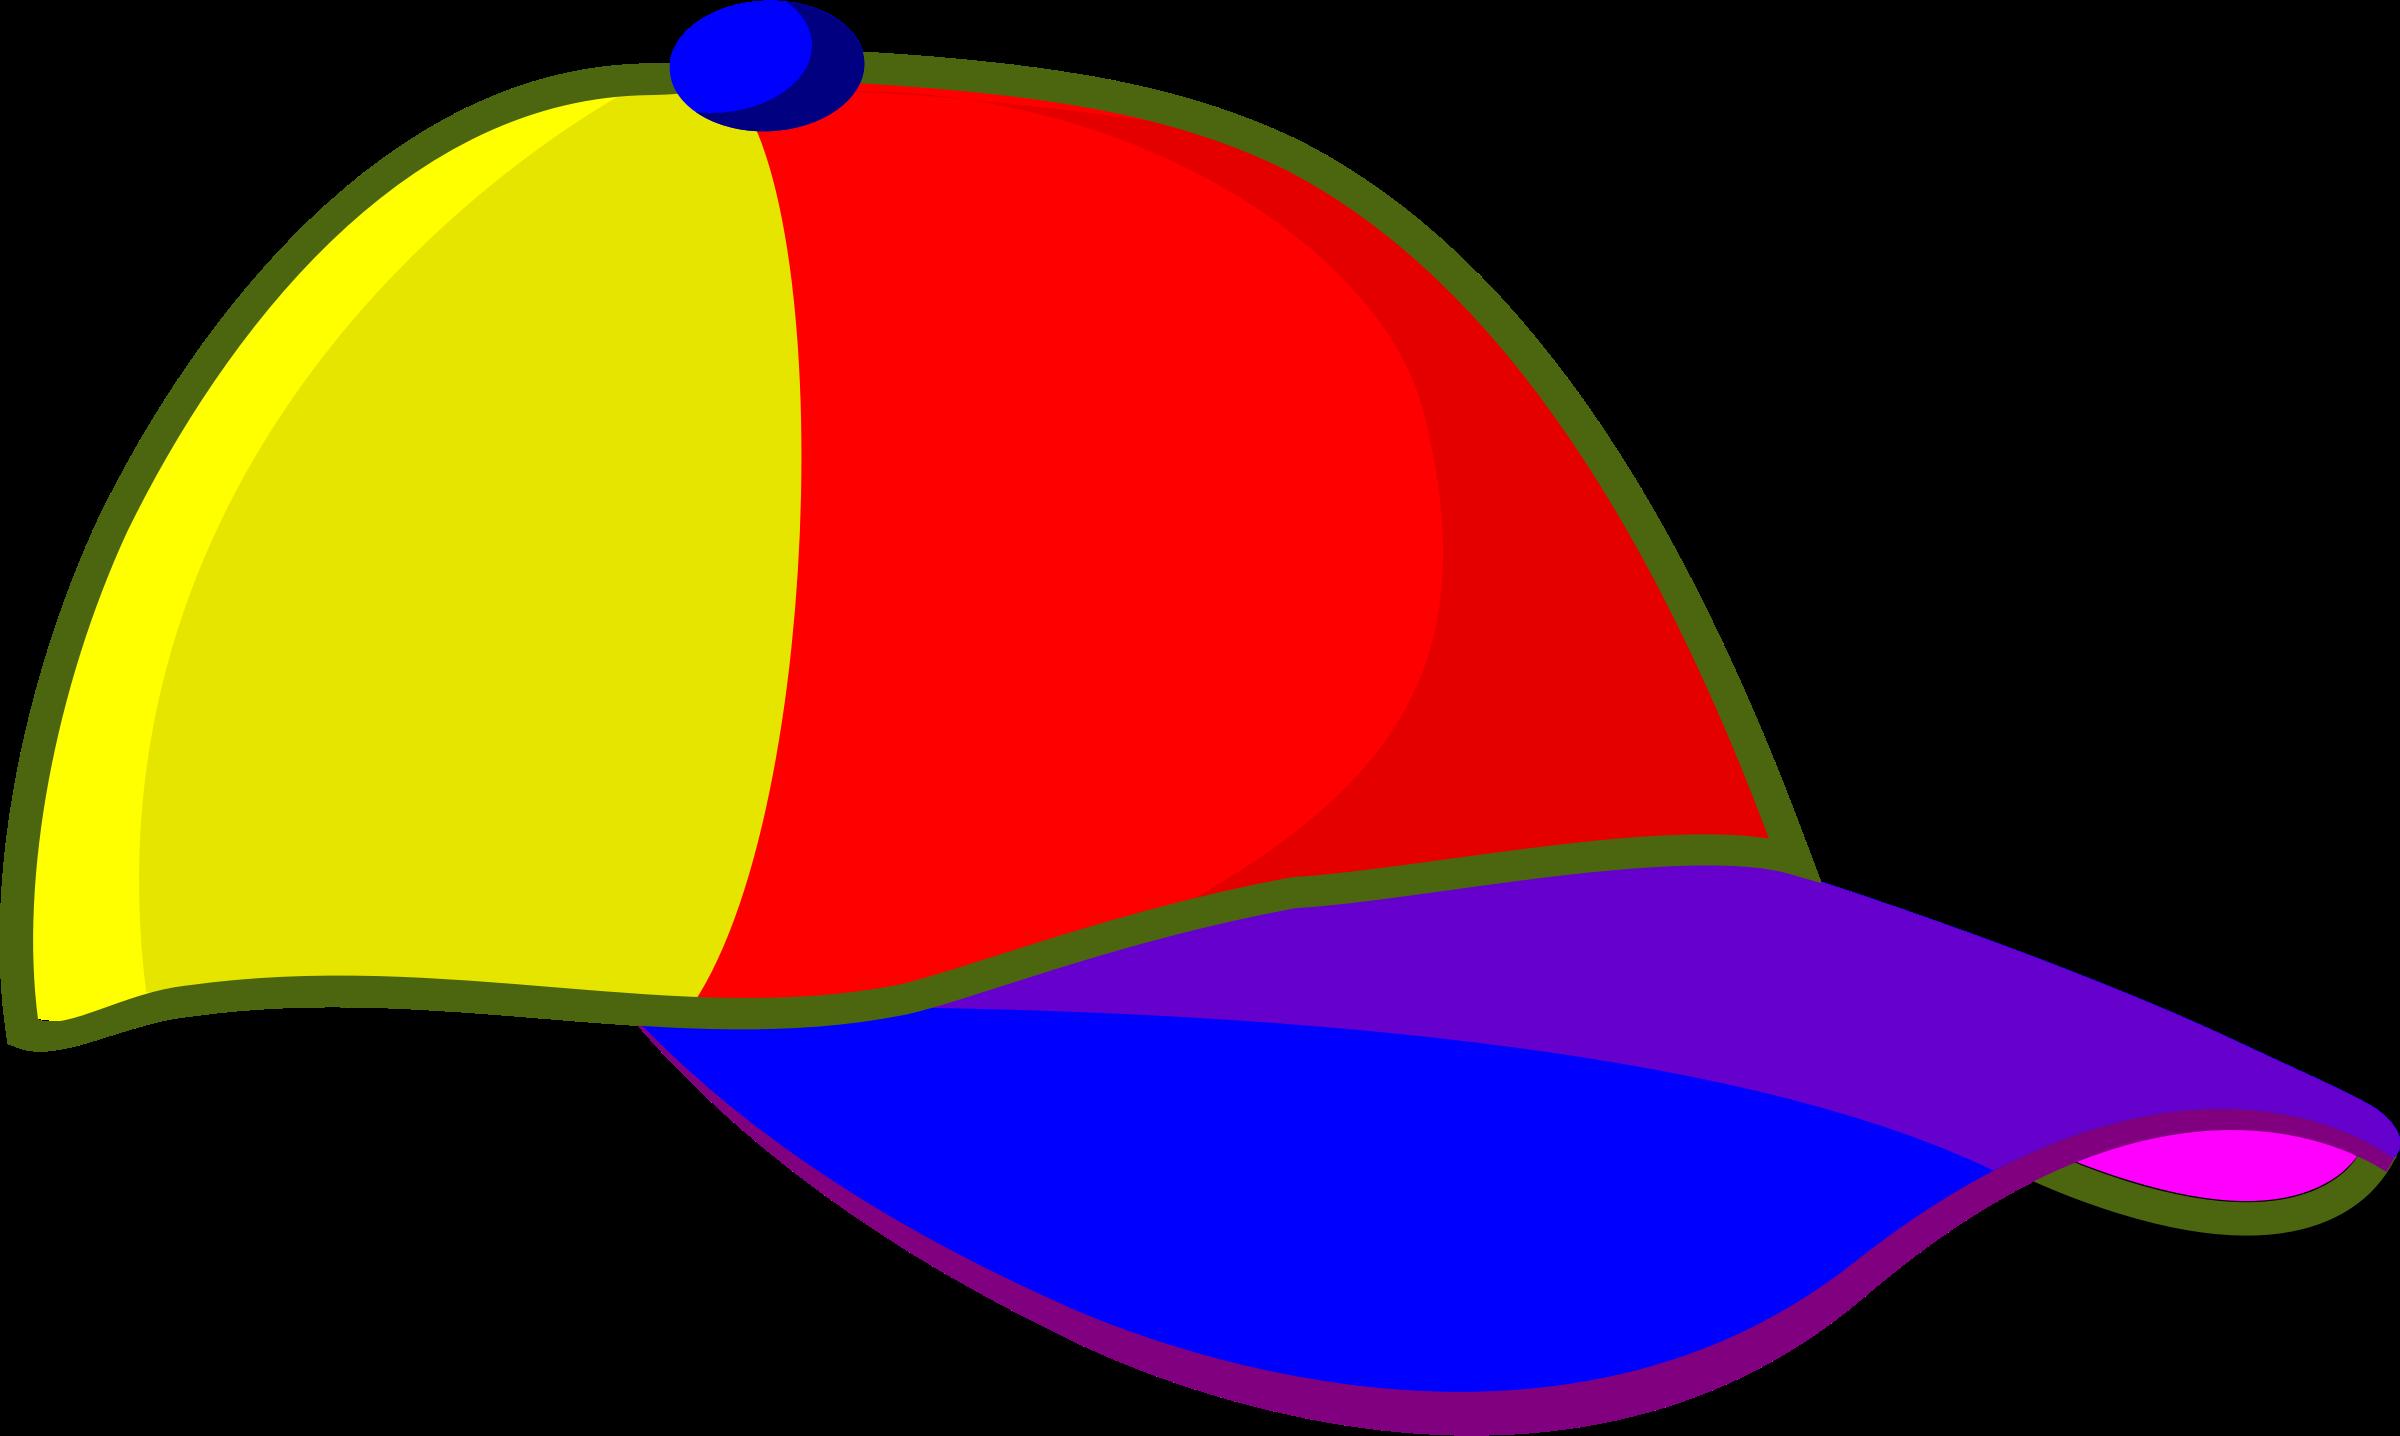 cap clipart-cap clipart-4